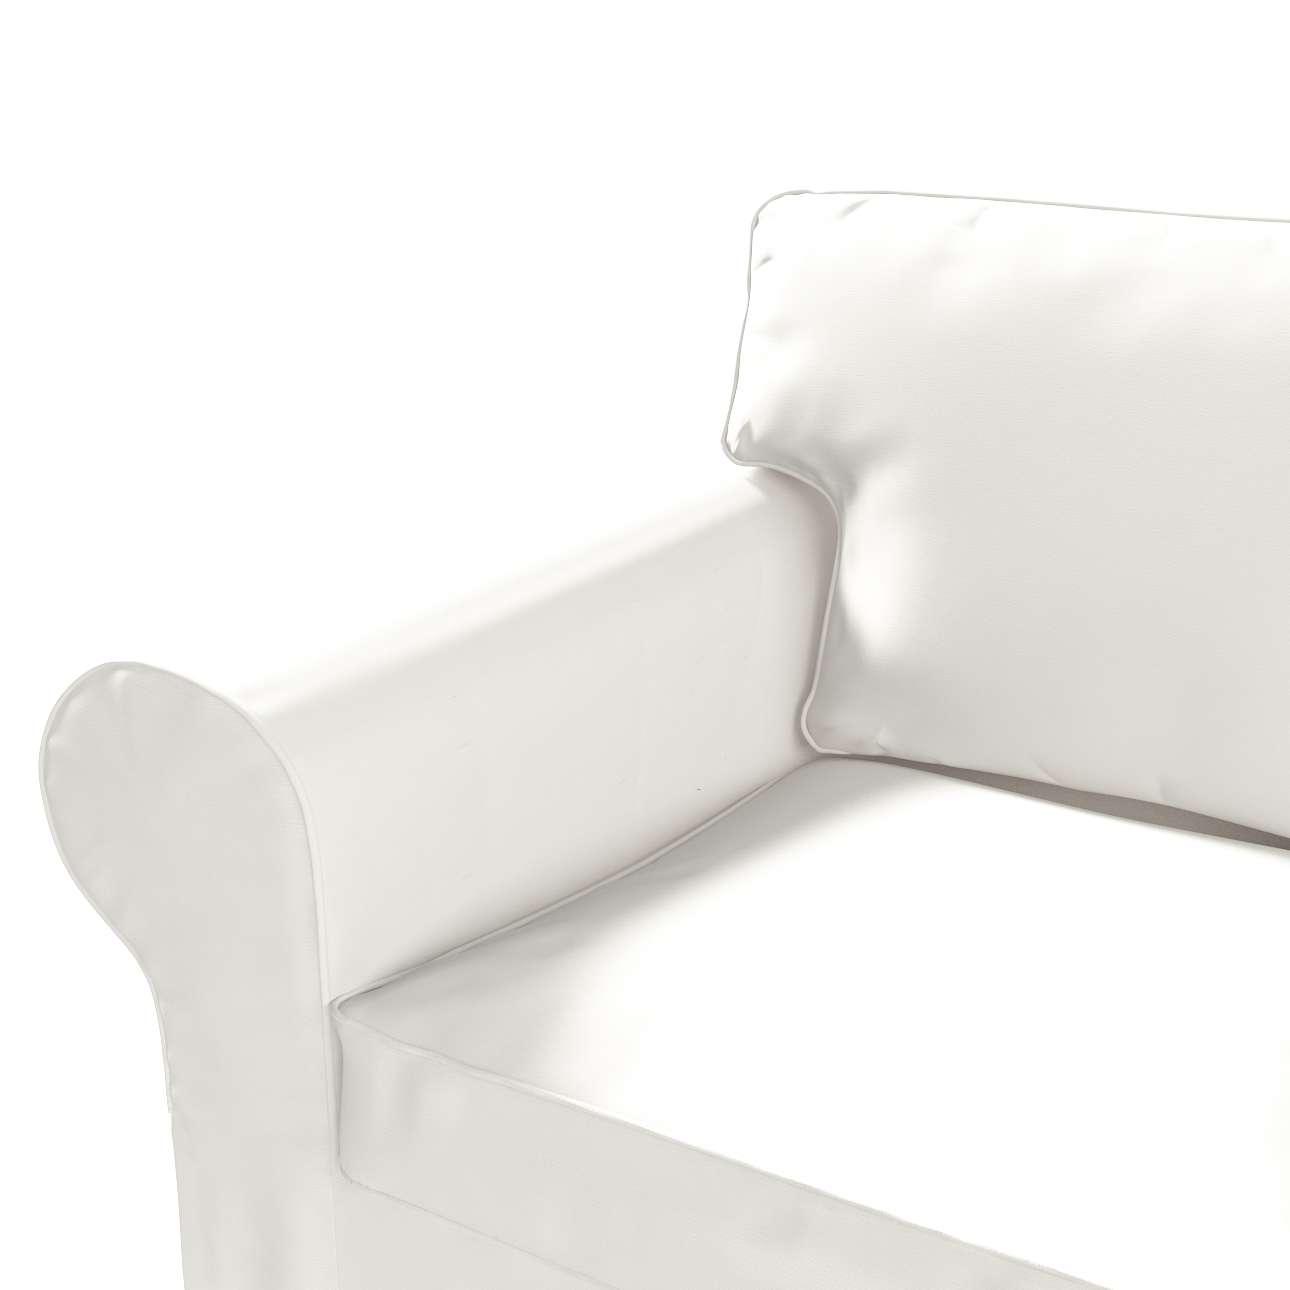 Poťah na sedačku Ektorp (rozkladacia, pre 2 osoby) NOVÝ MODEL 2012 V kolekcii Cotton Panama, tkanina: 702-34